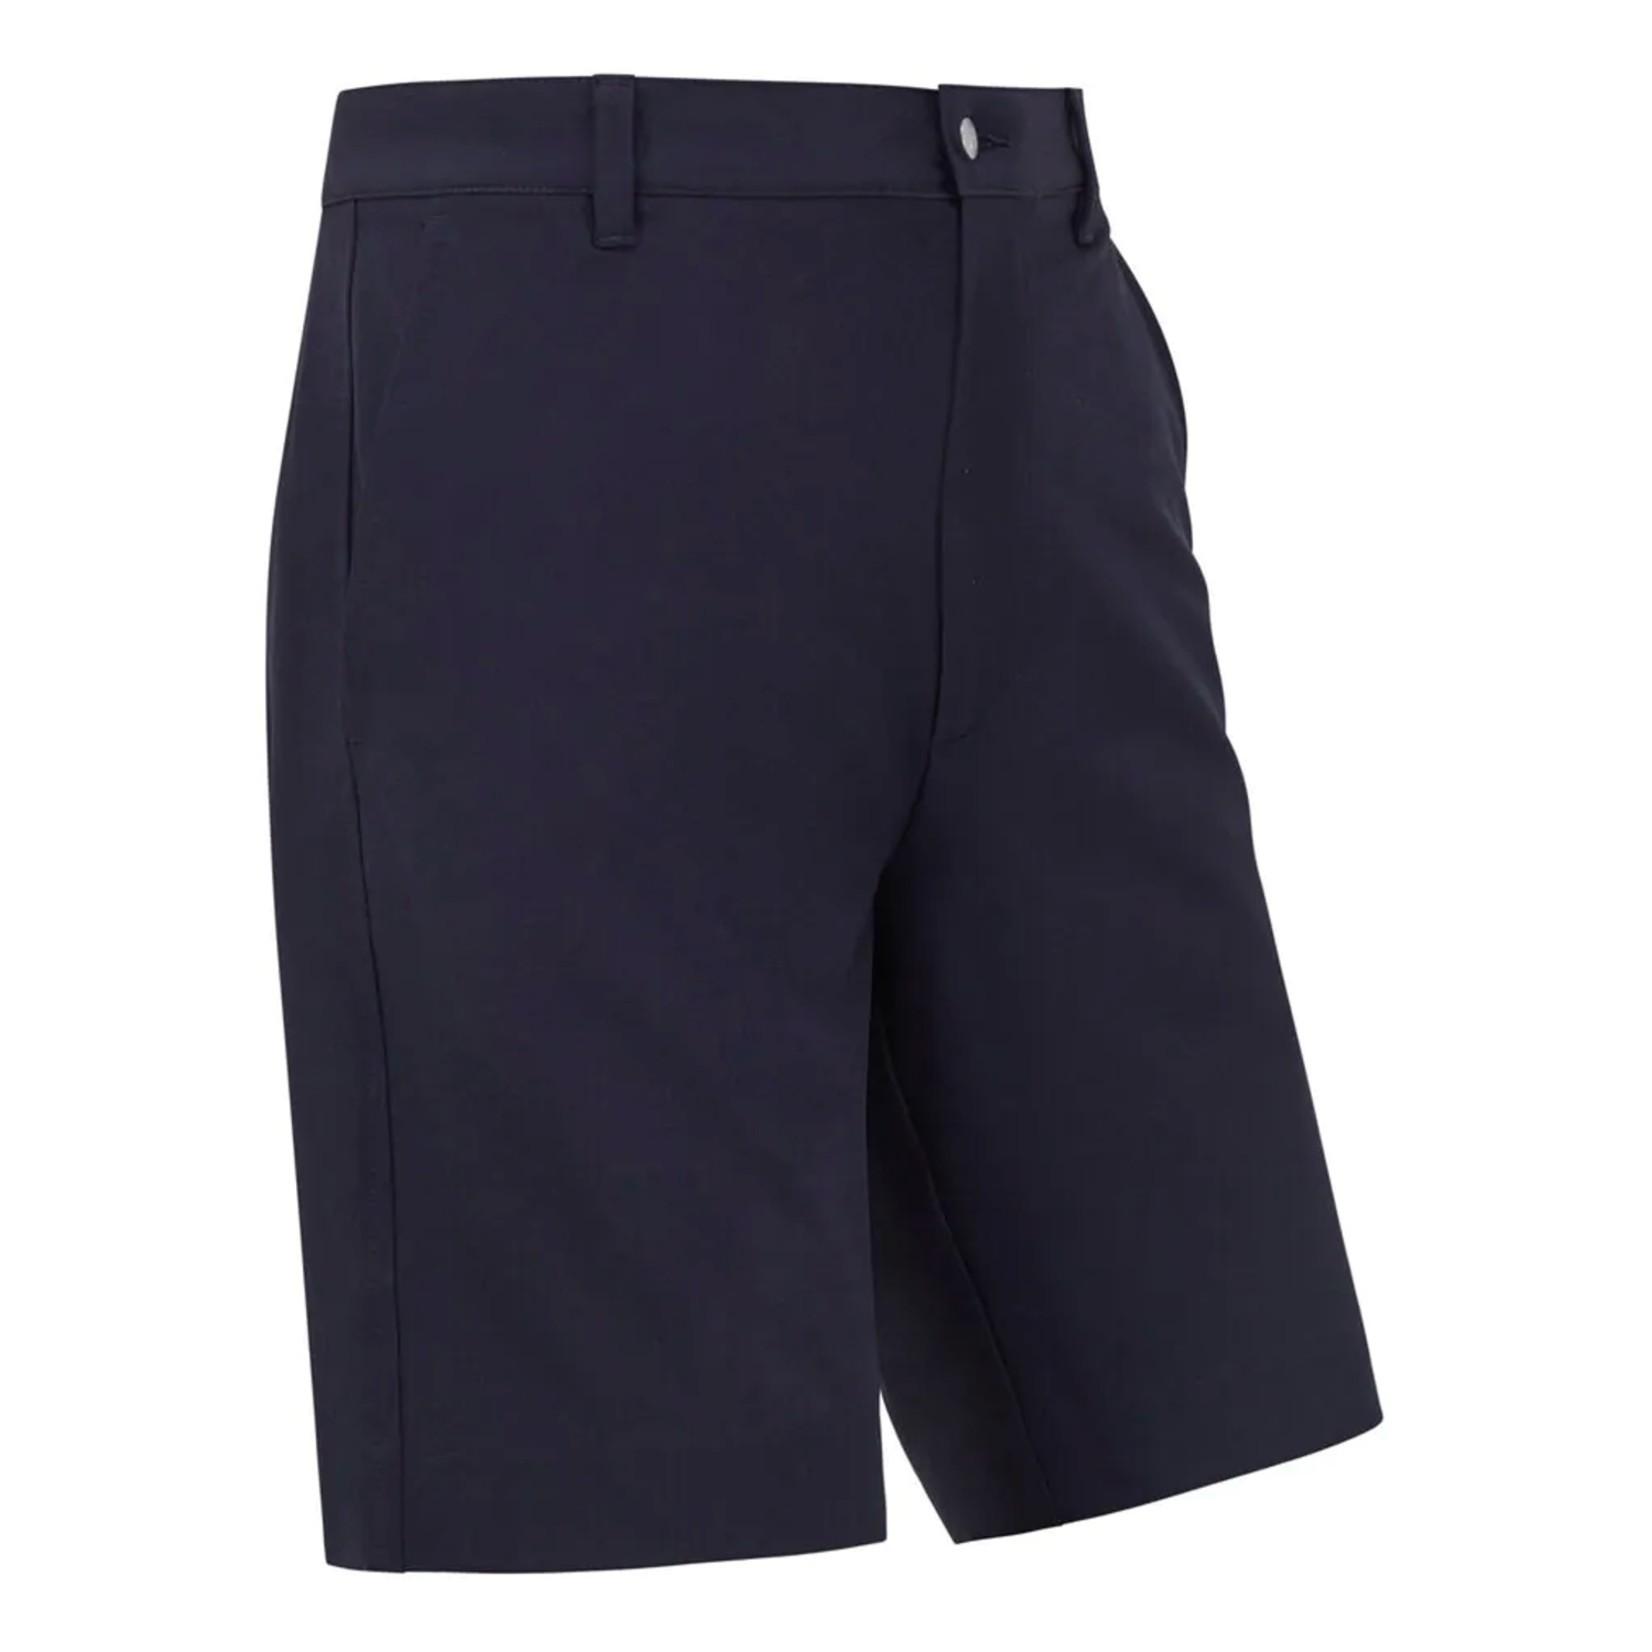 Footjoy FJ Men's Perf Short